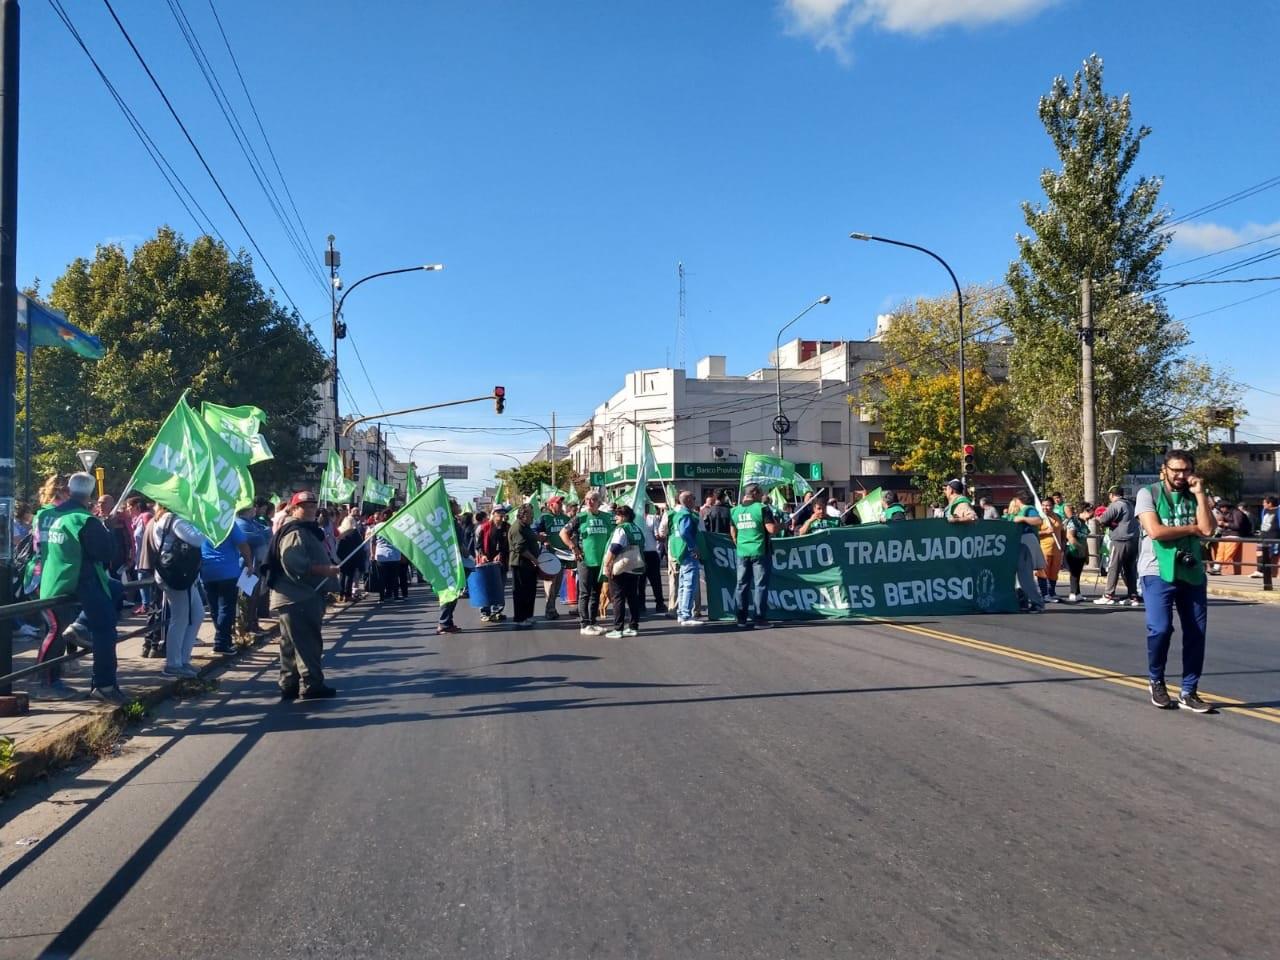 Tras la reunión entablada este miércoles entre autoridades sindicales junto con delegados y el Ejecutivo municipal, pasado el mediodía tenía lugar un cuarto intermedio.